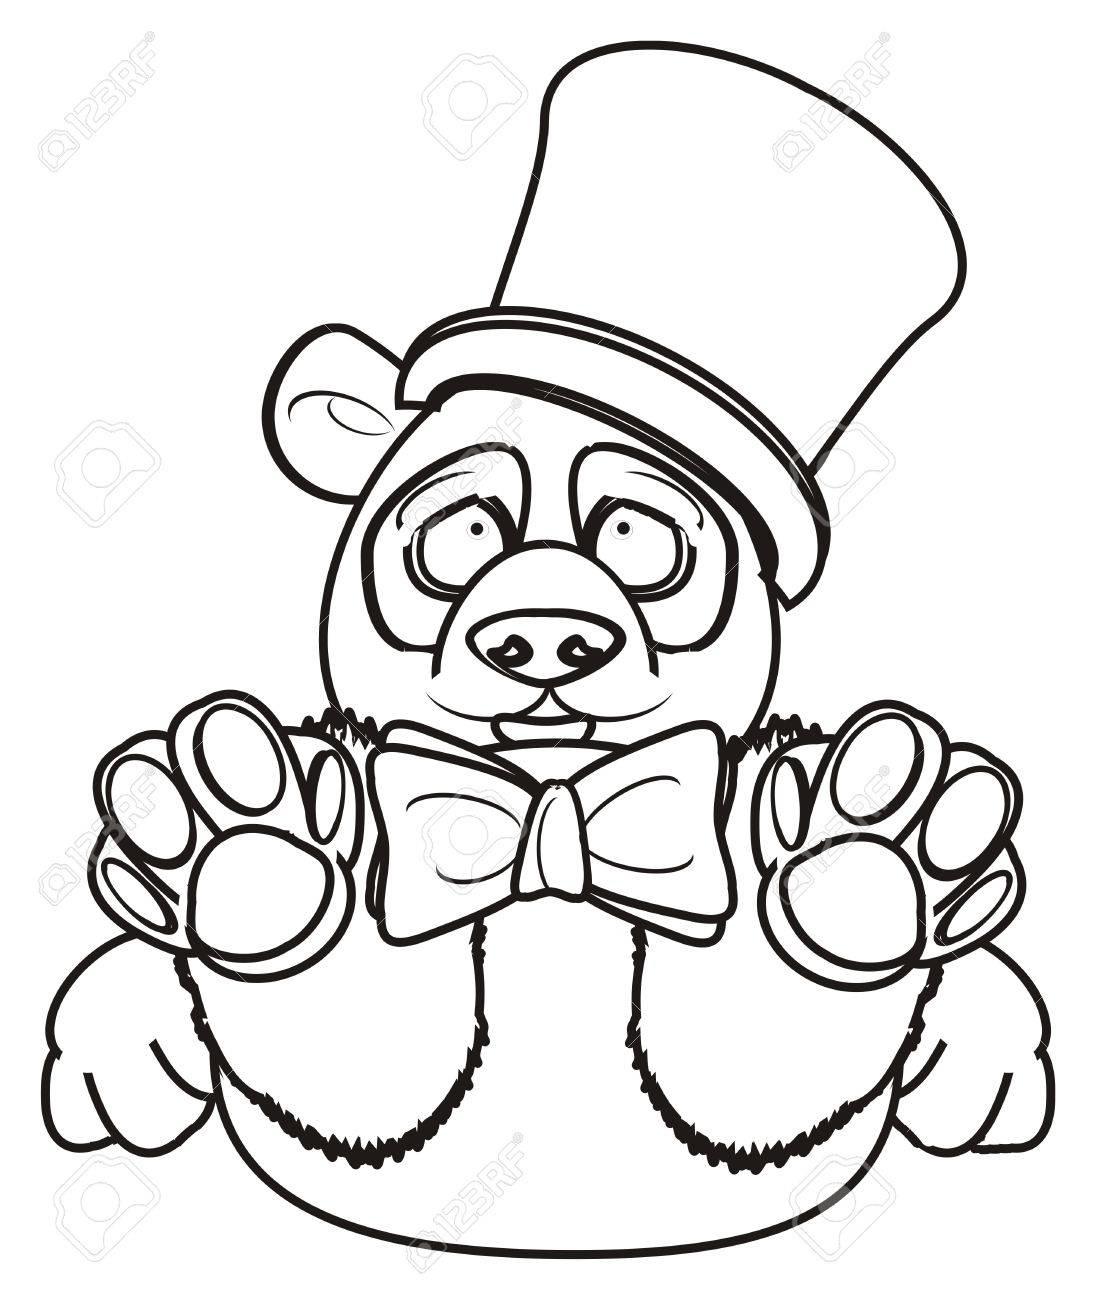 Panda À Colorier Dans Le Chapeau Et L'arc concernant Panda À Colorier